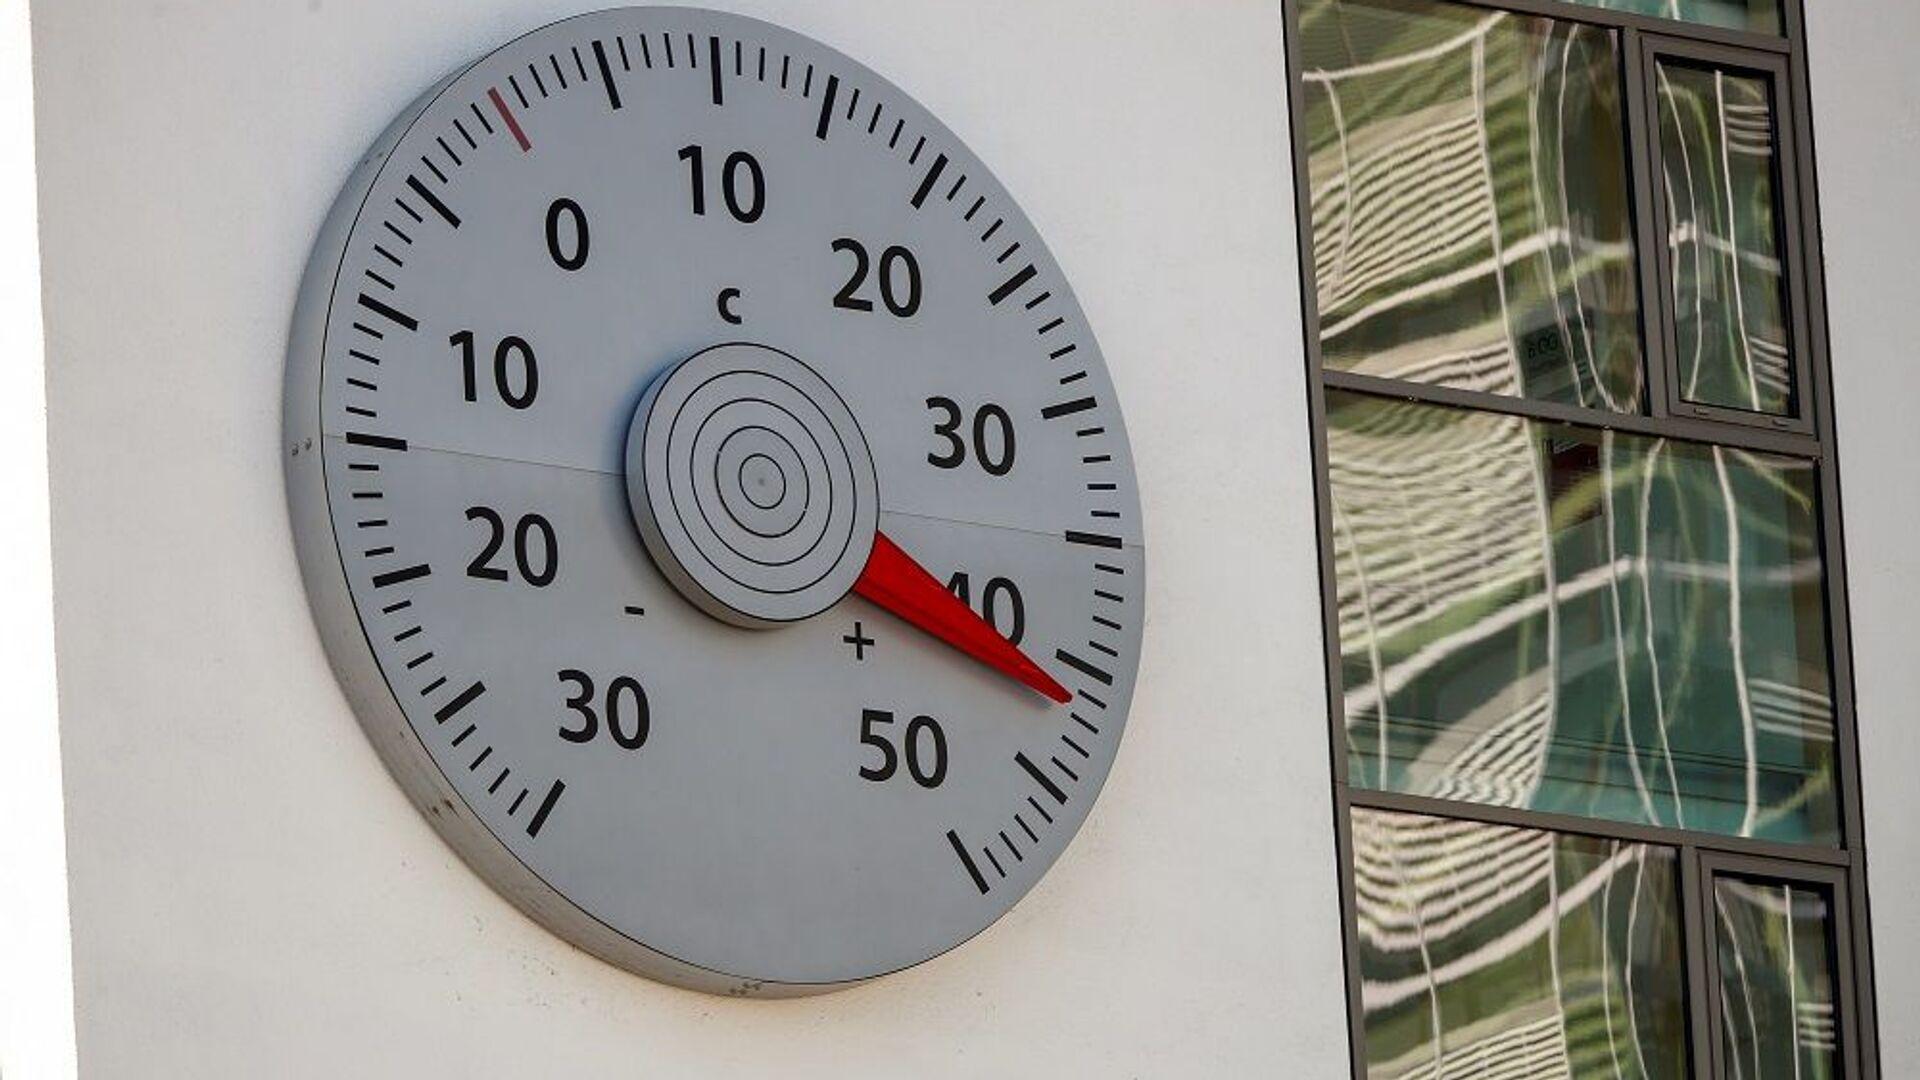 küresel ısınma, termometre, sıcaklık - Sputnik Türkiye, 1920, 17.06.2021